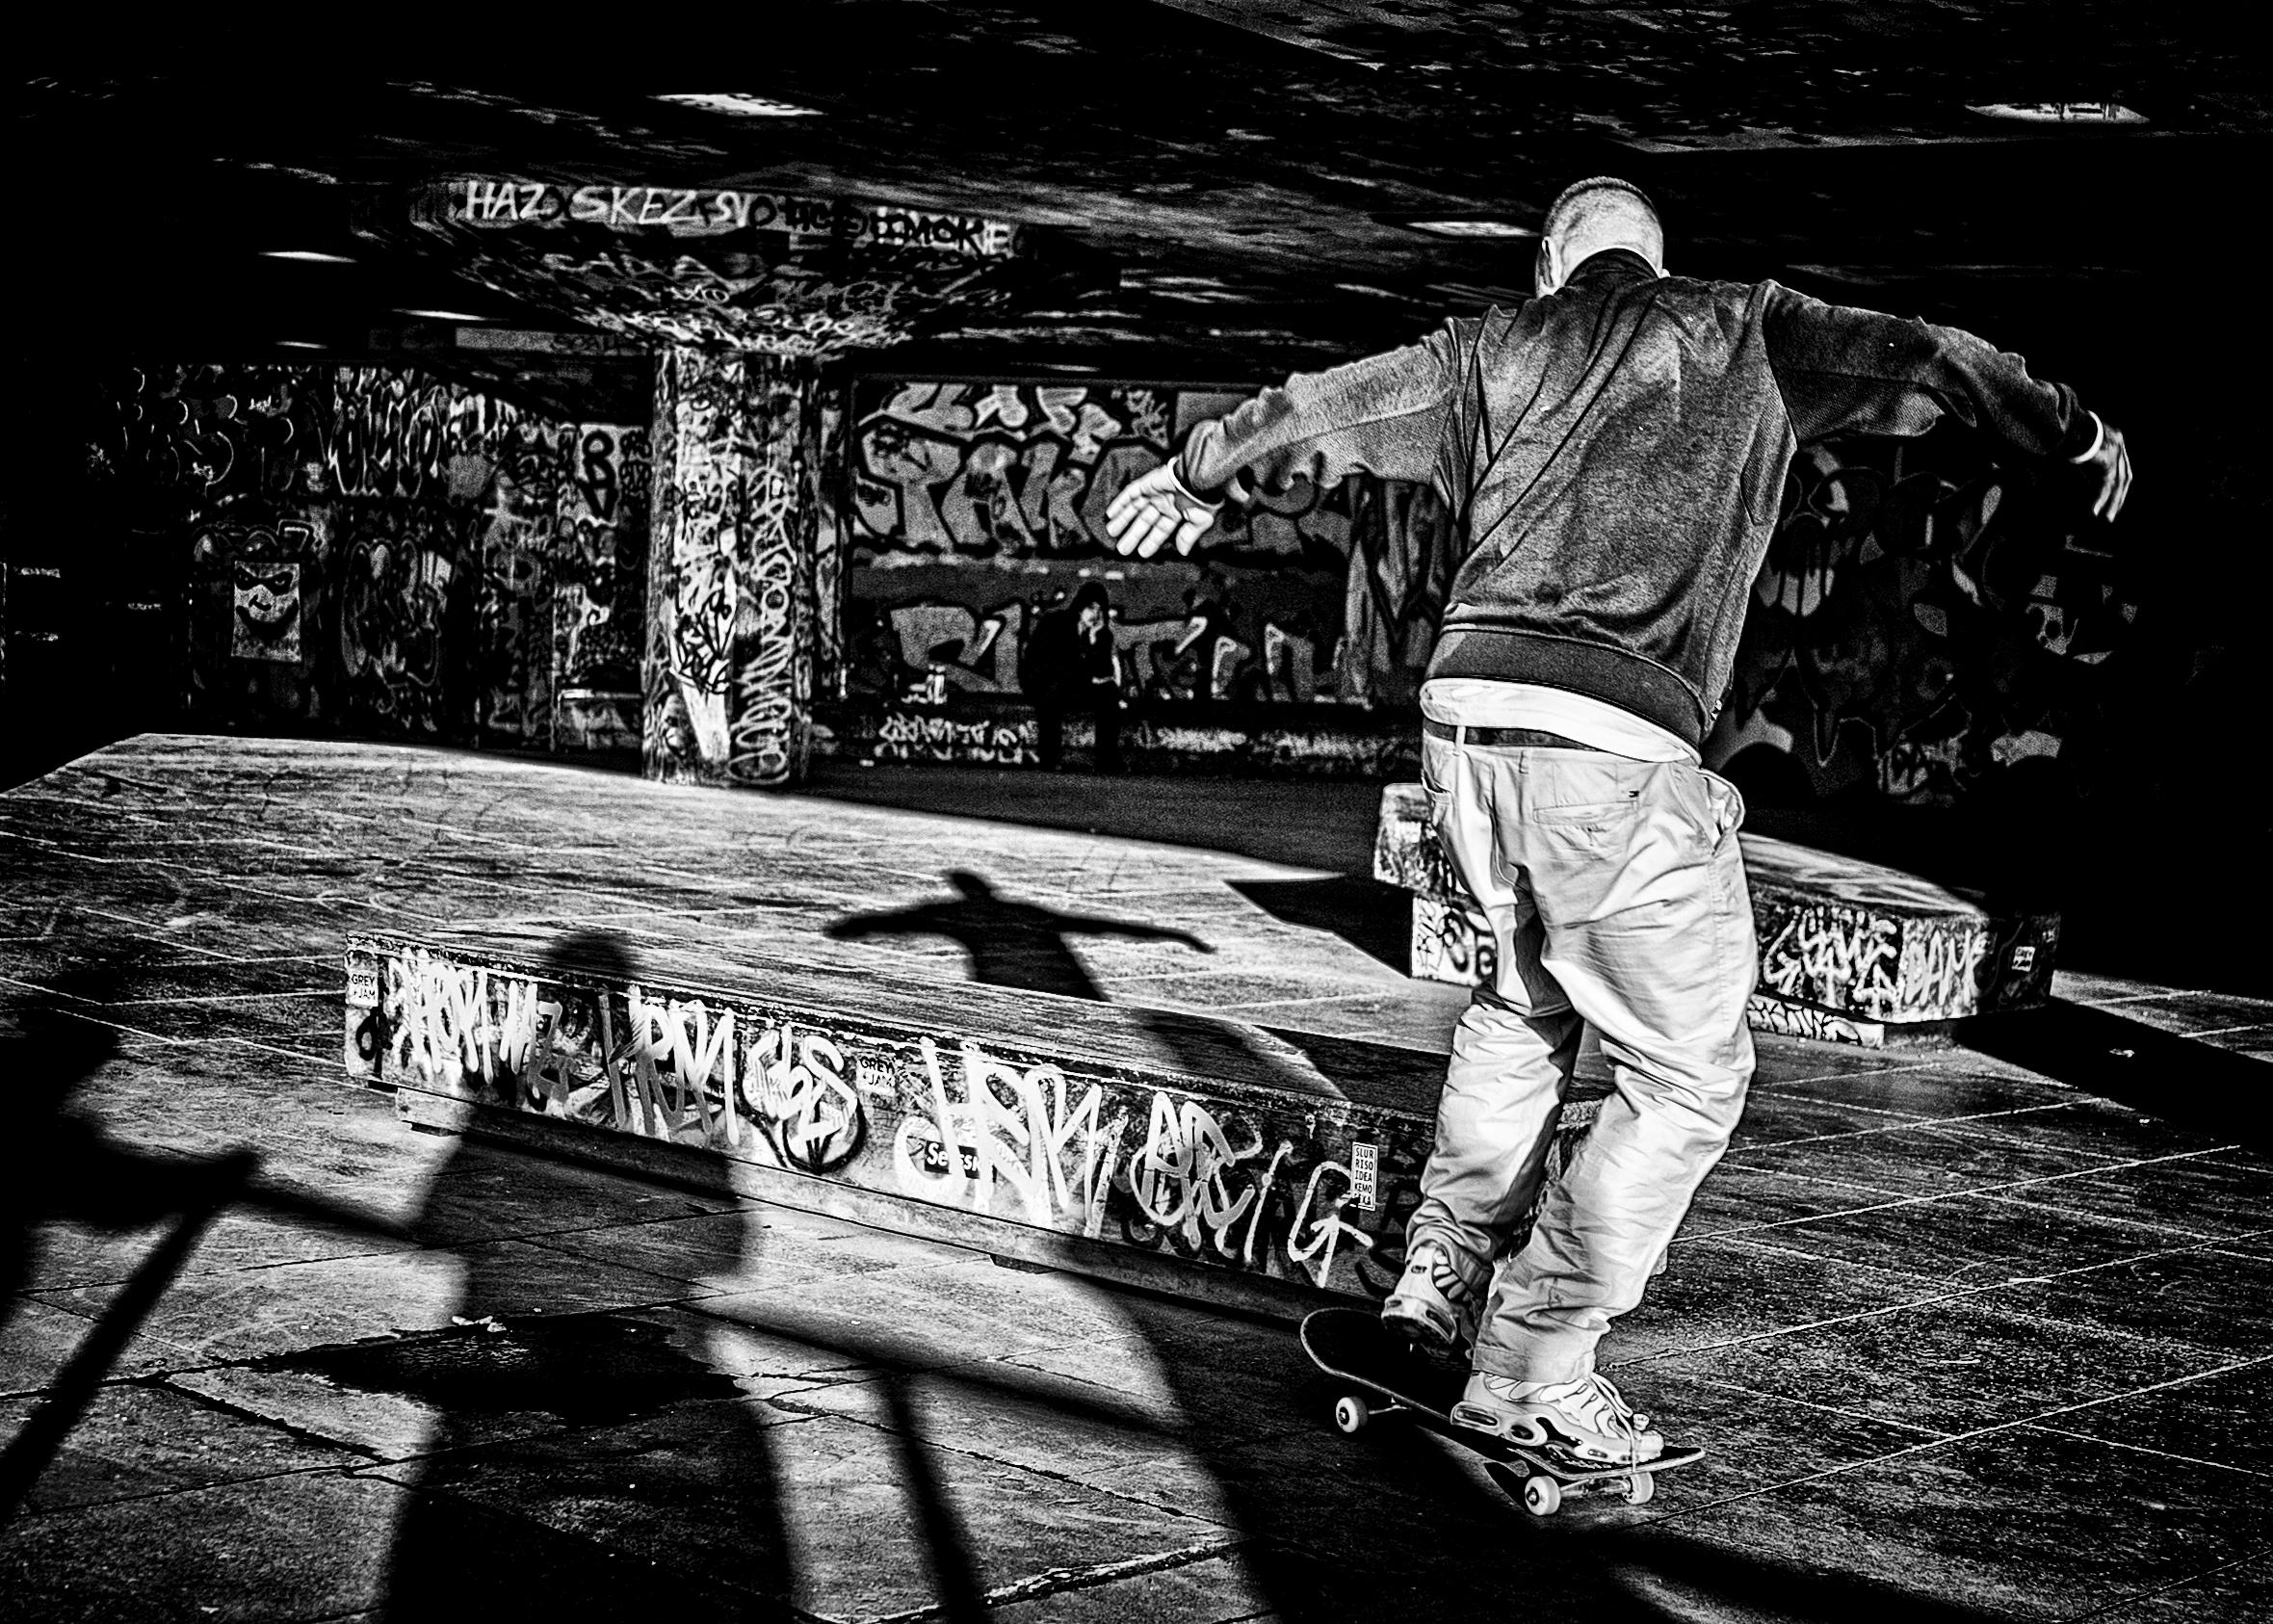 Christ the Skateboarder.